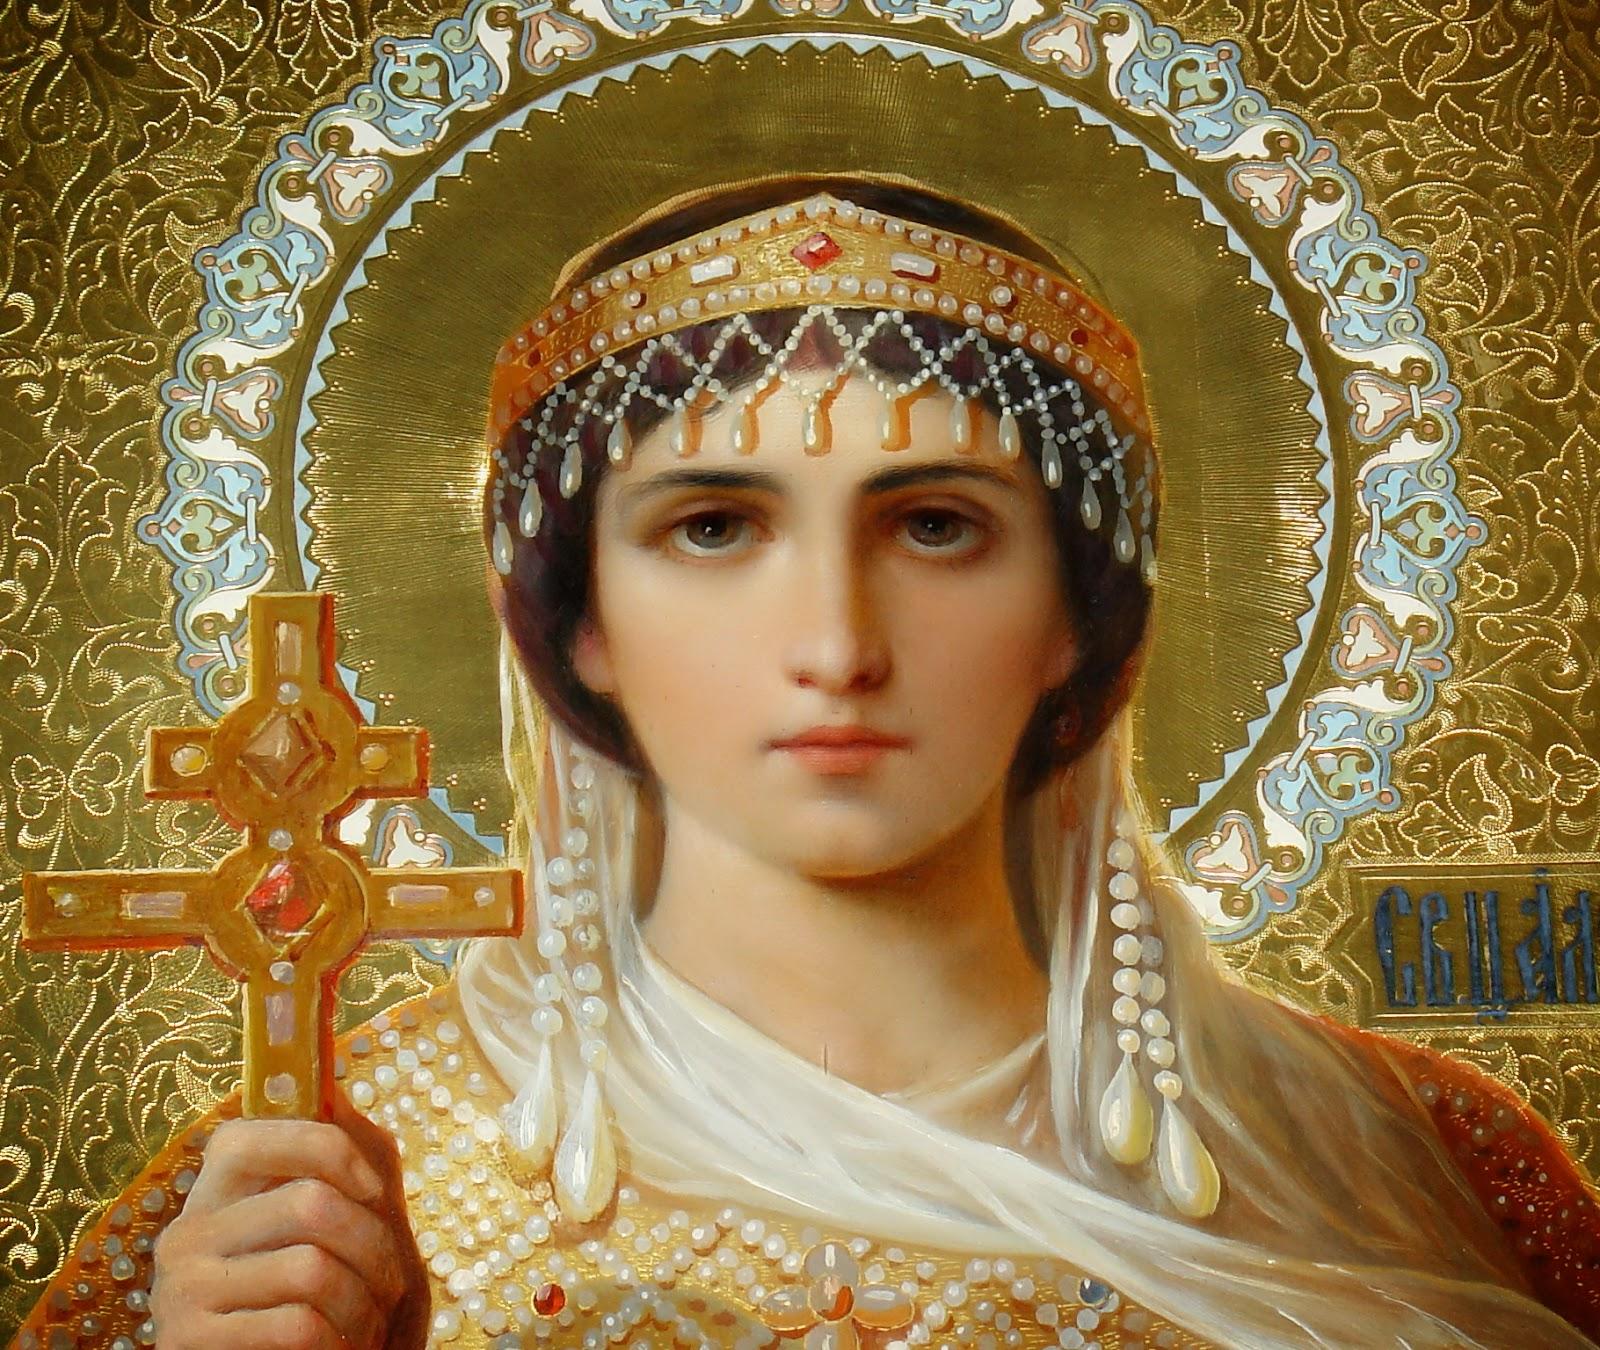 Η Αγία Υπομονή (†13 Μαρτίου 1450)